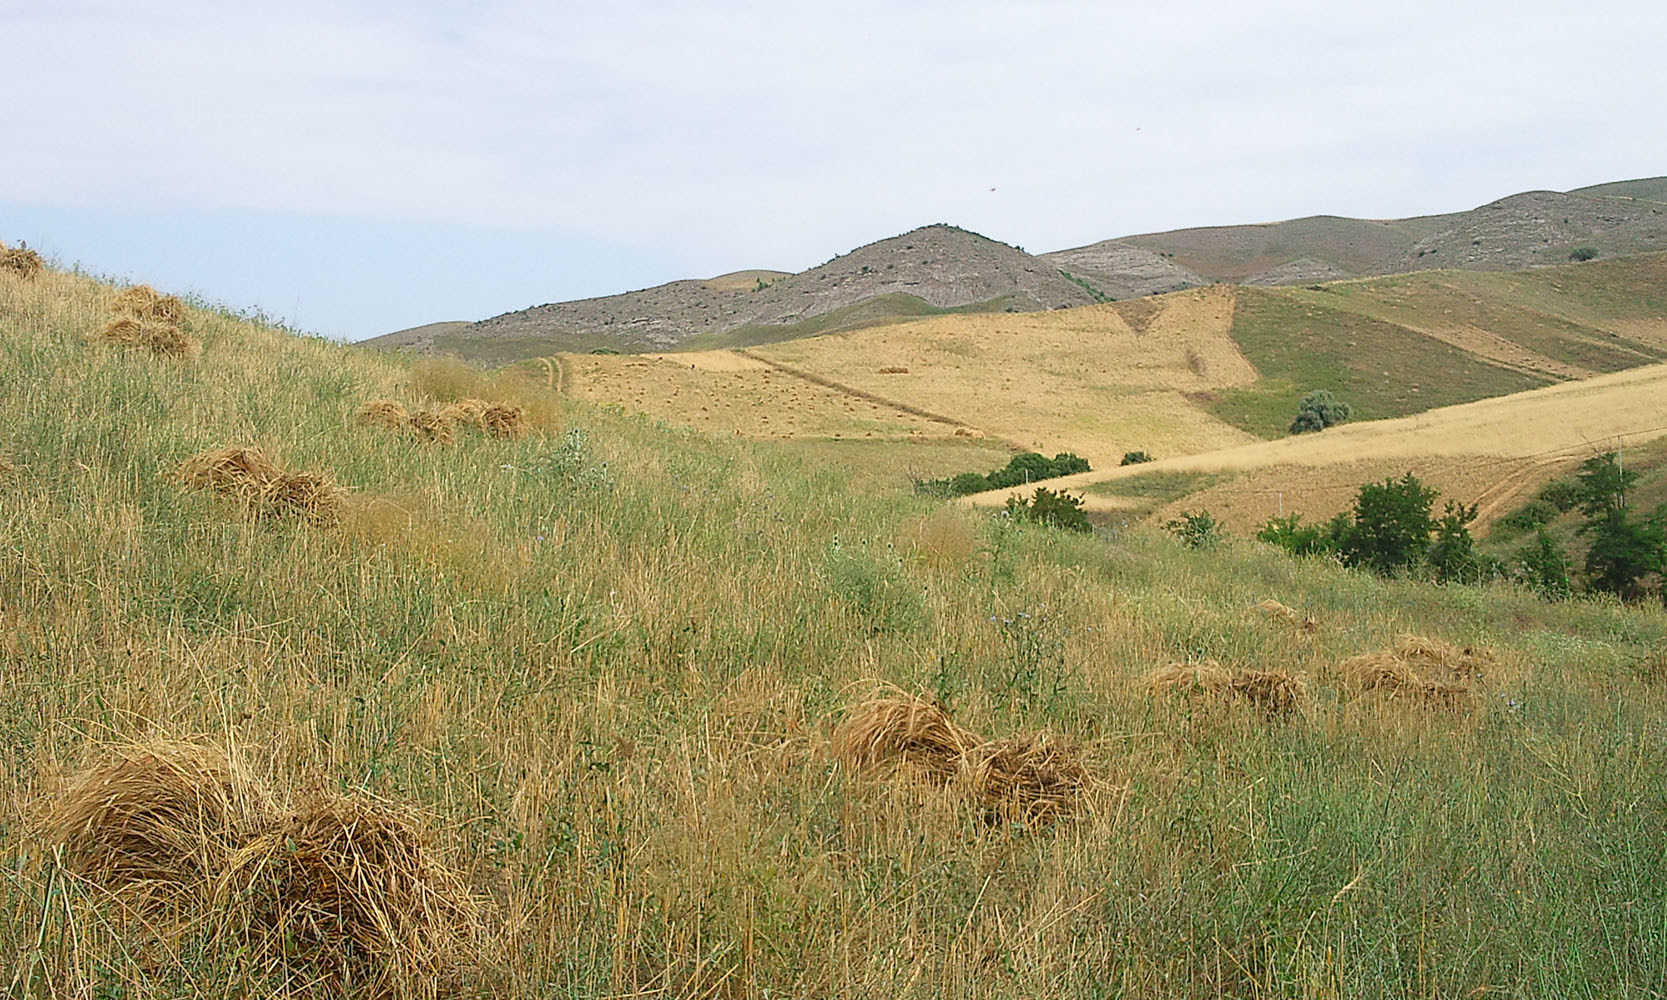 بیچین فصلی لله دره سی